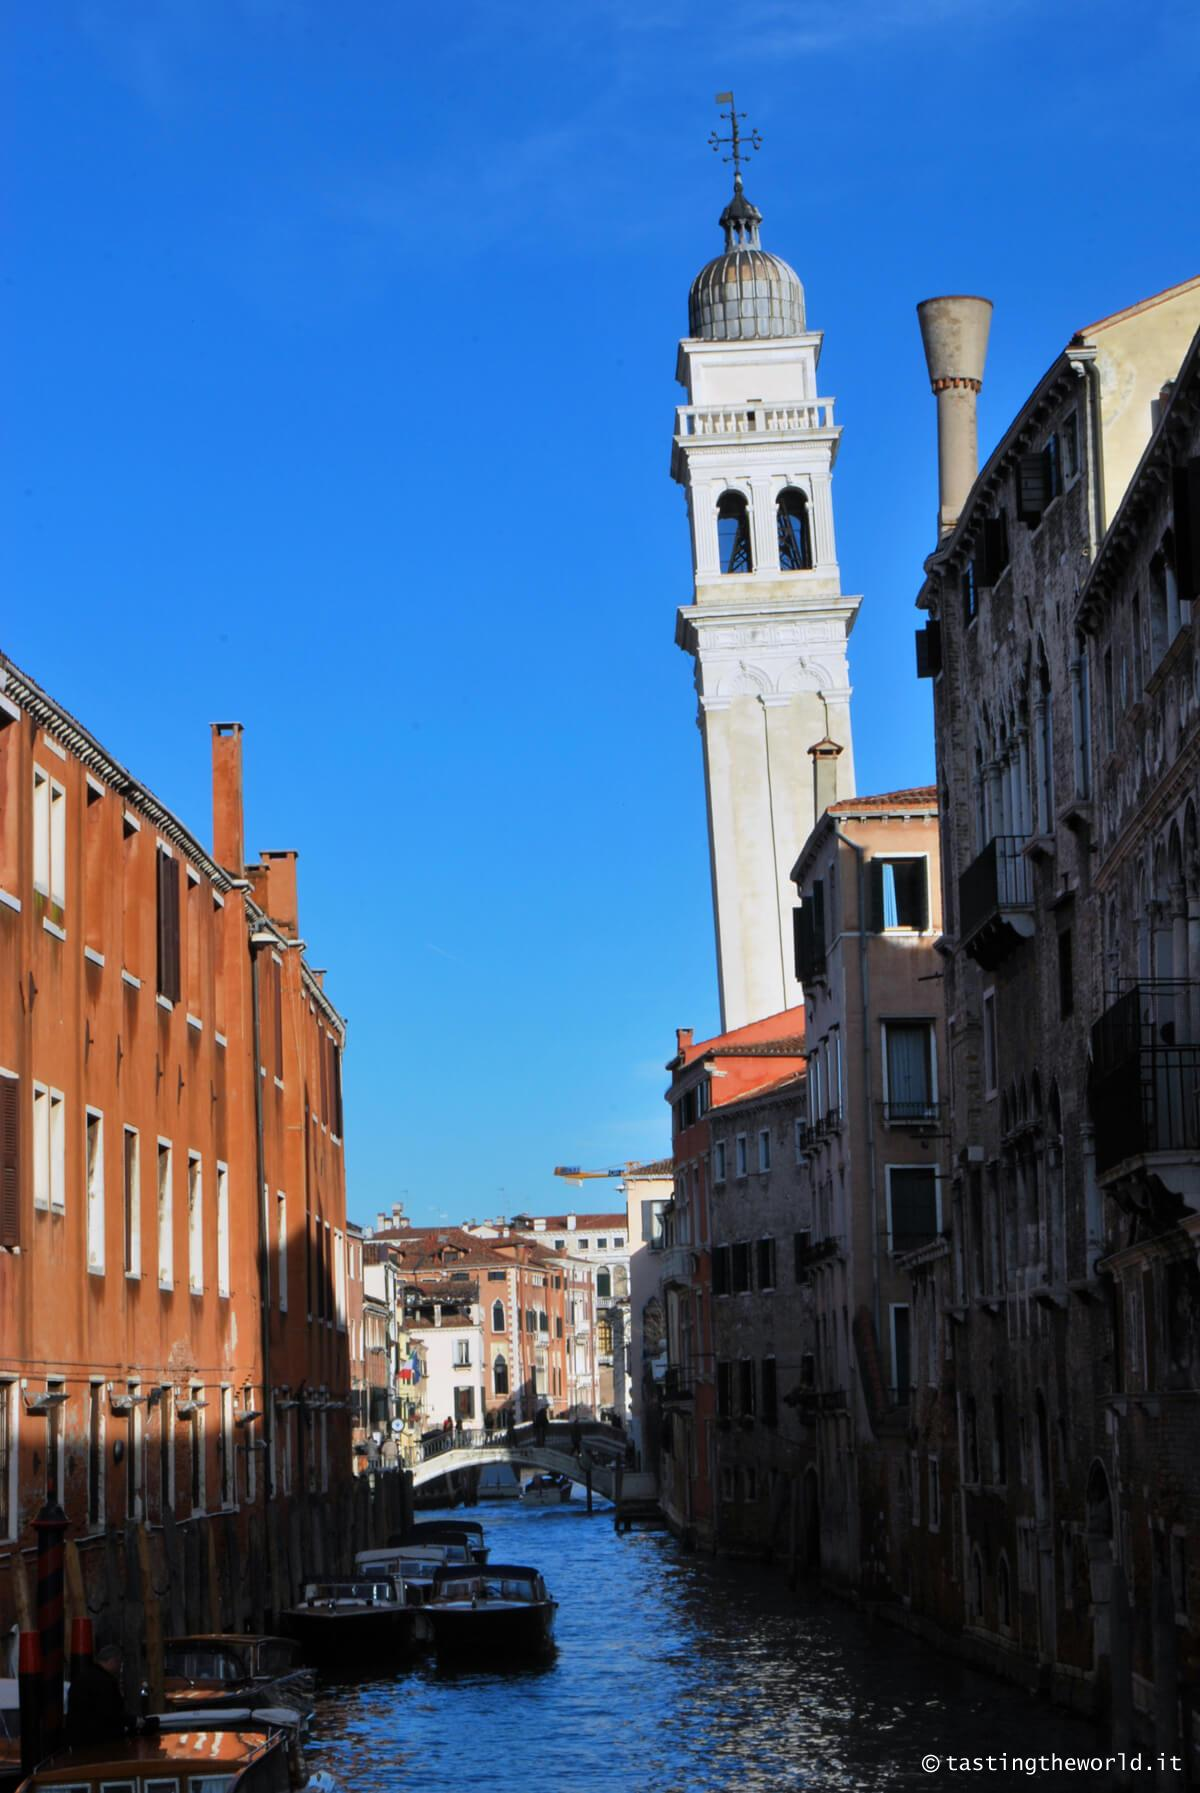 Campanile di San Giorgio dei Greci, Venezia